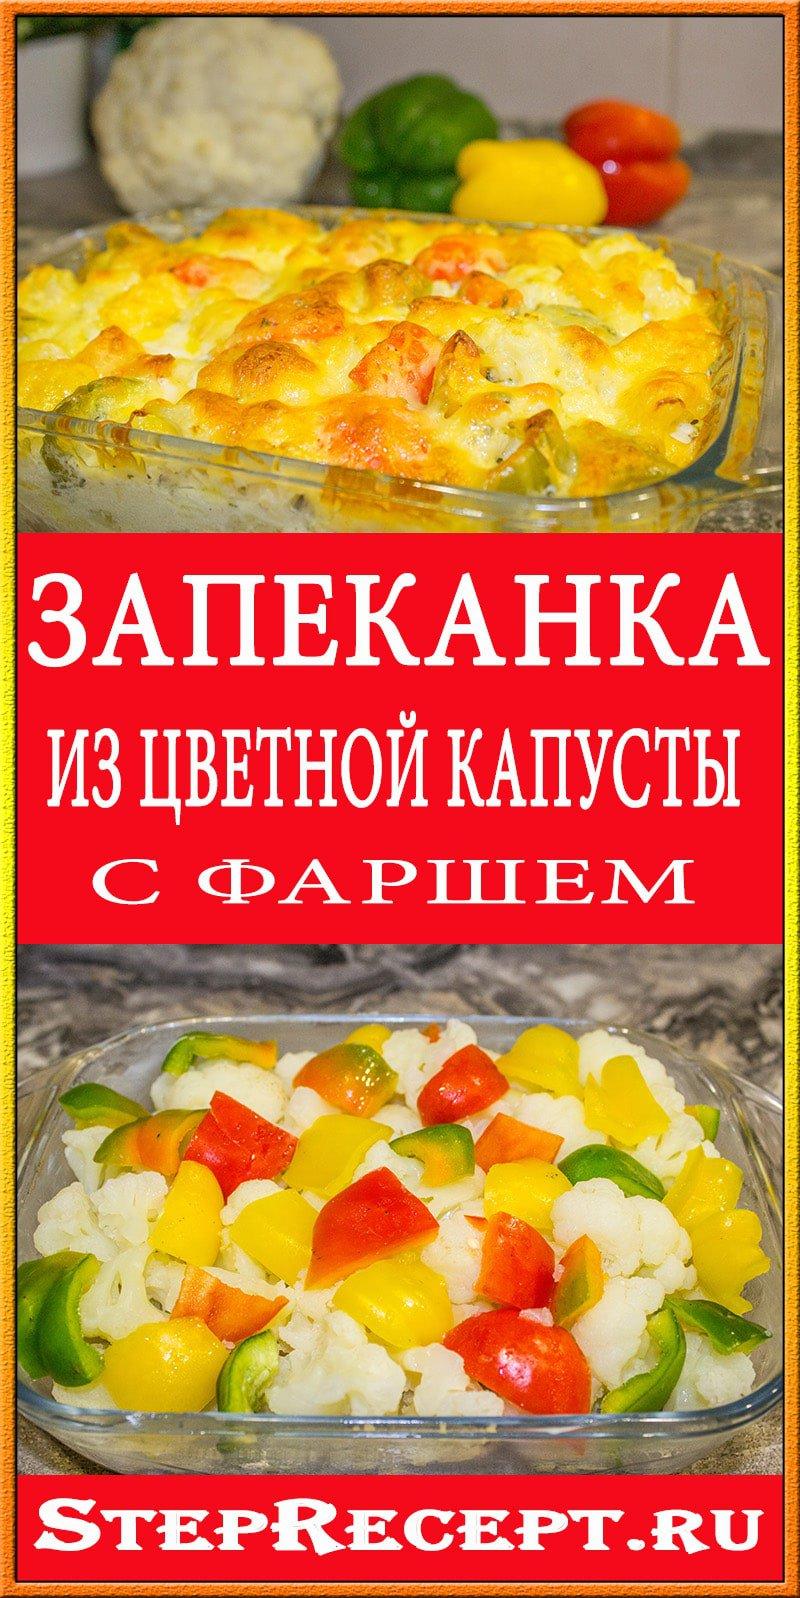 Запеканка из цветной капусты с фаршем